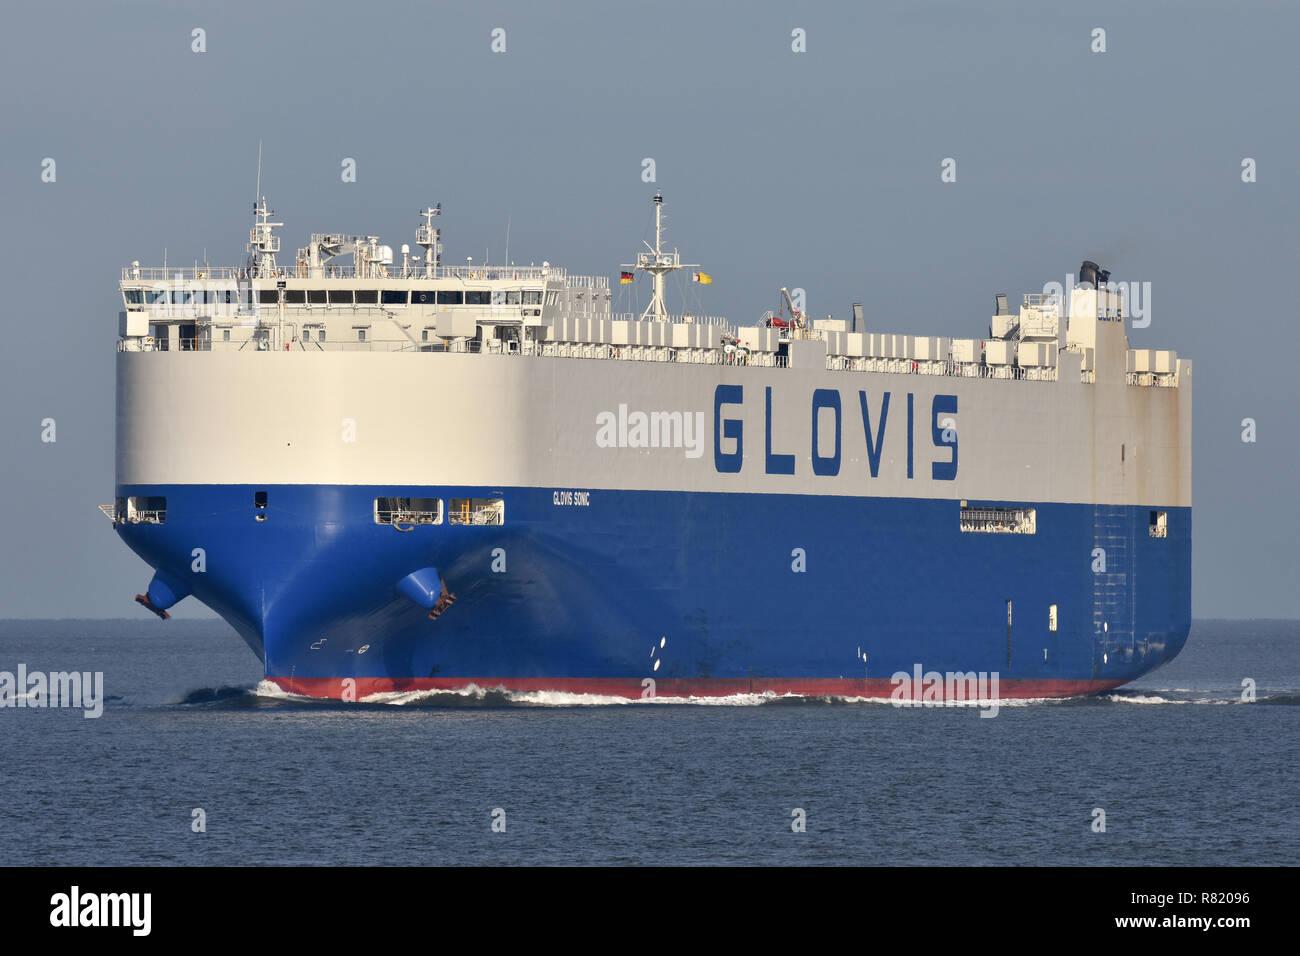 Glovis Sonic - Stock Image